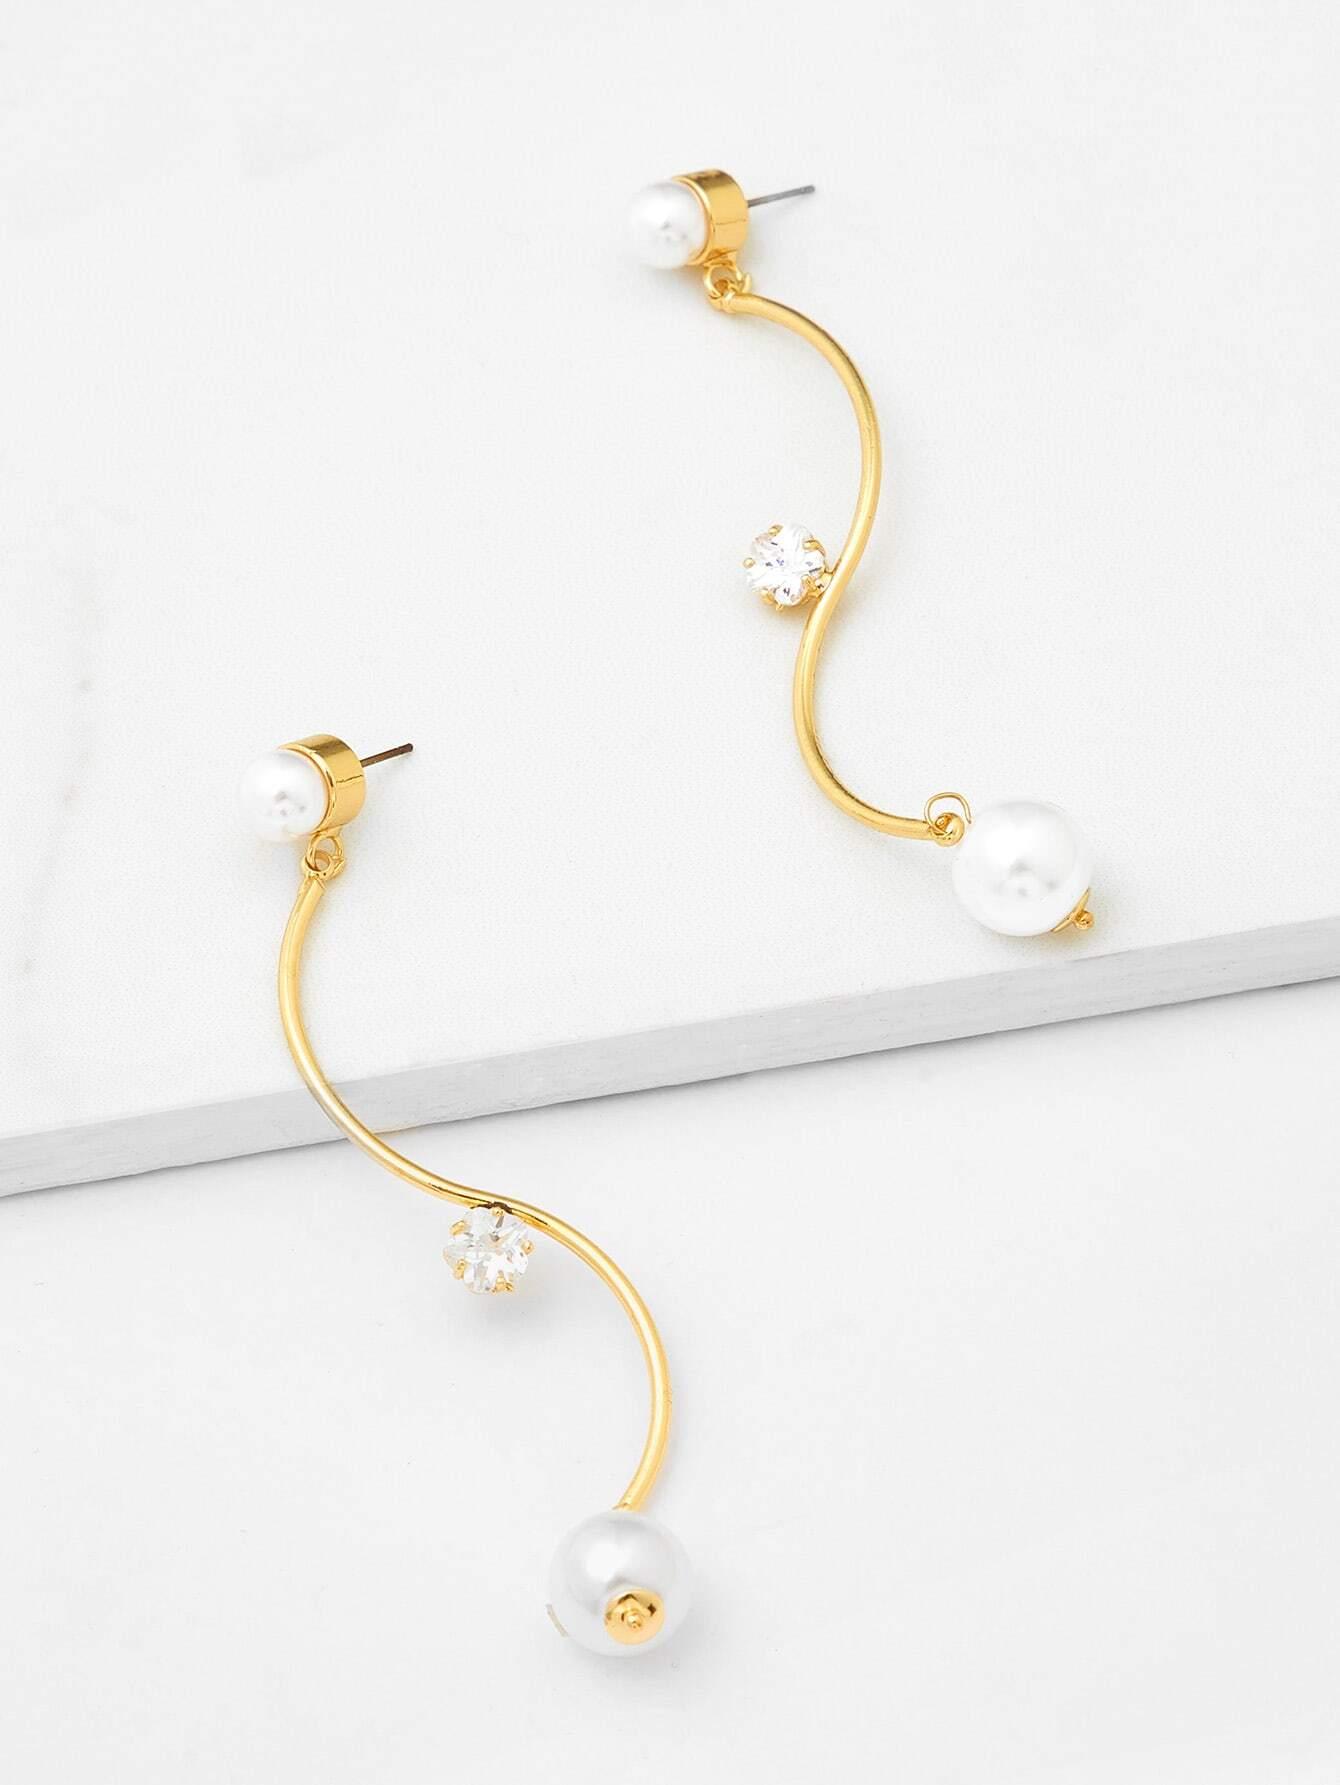 S Shaped Drop Earrings scissors shaped drop hook earrings